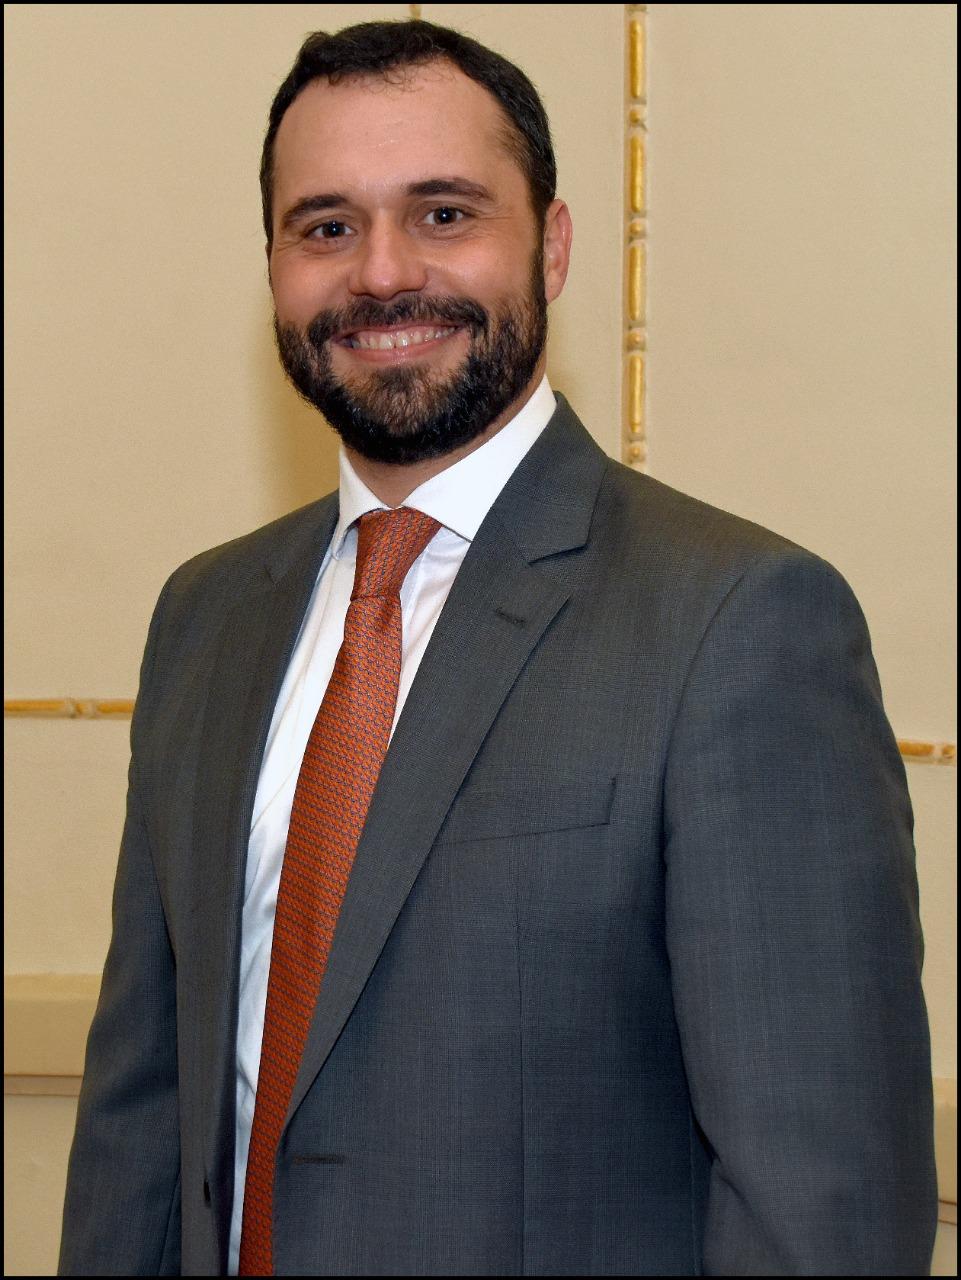 Mário Henrique Guimarães Bittencourt